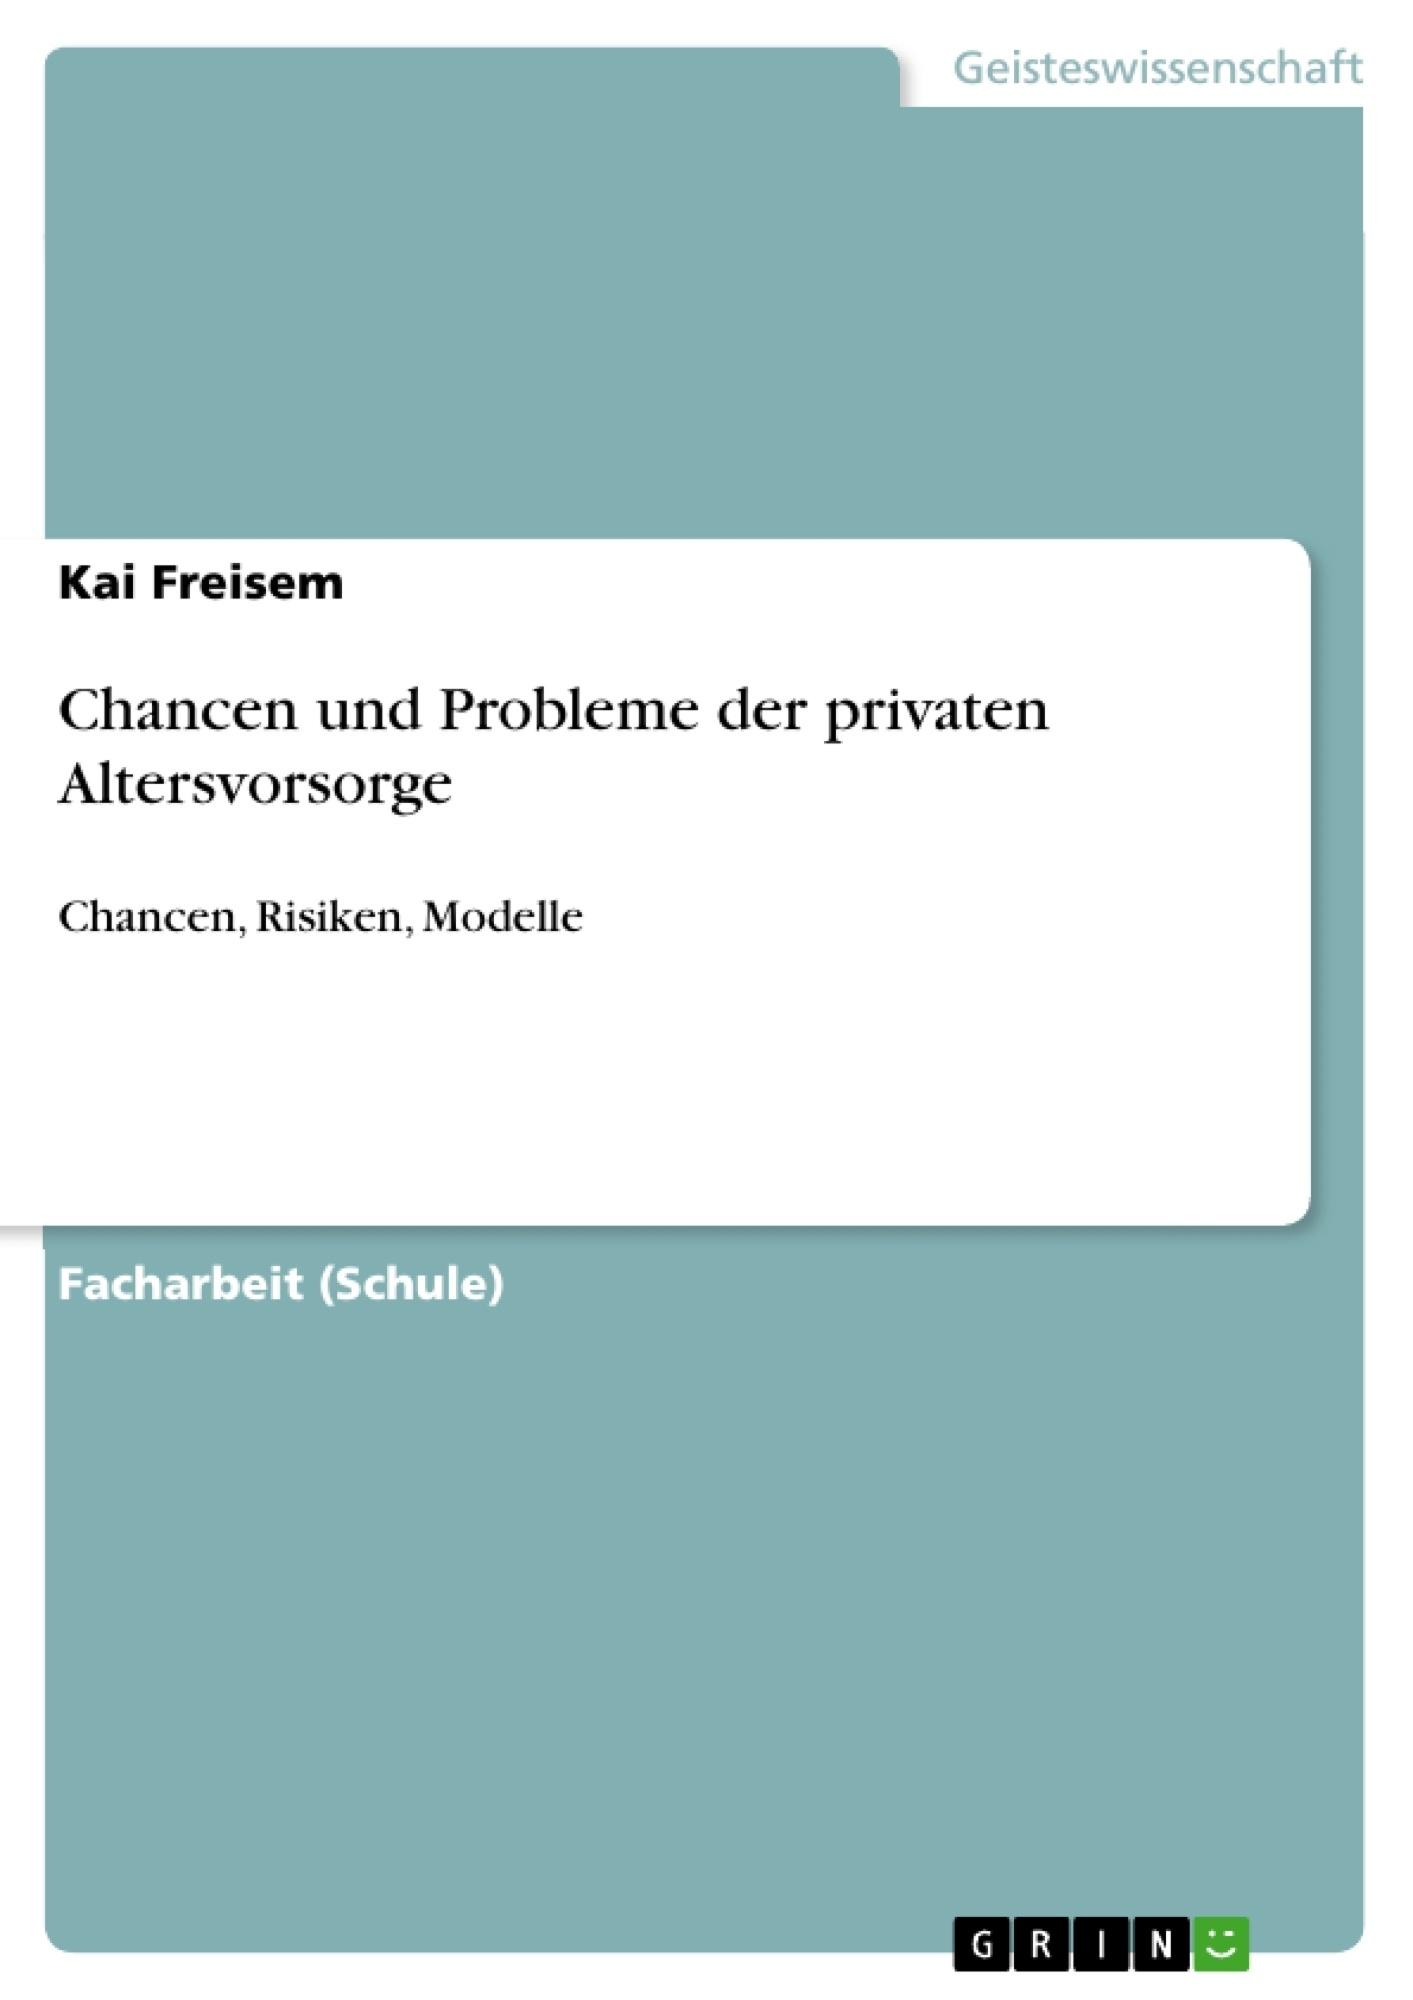 Titel: Chancen und Probleme der privaten Altersvorsorge